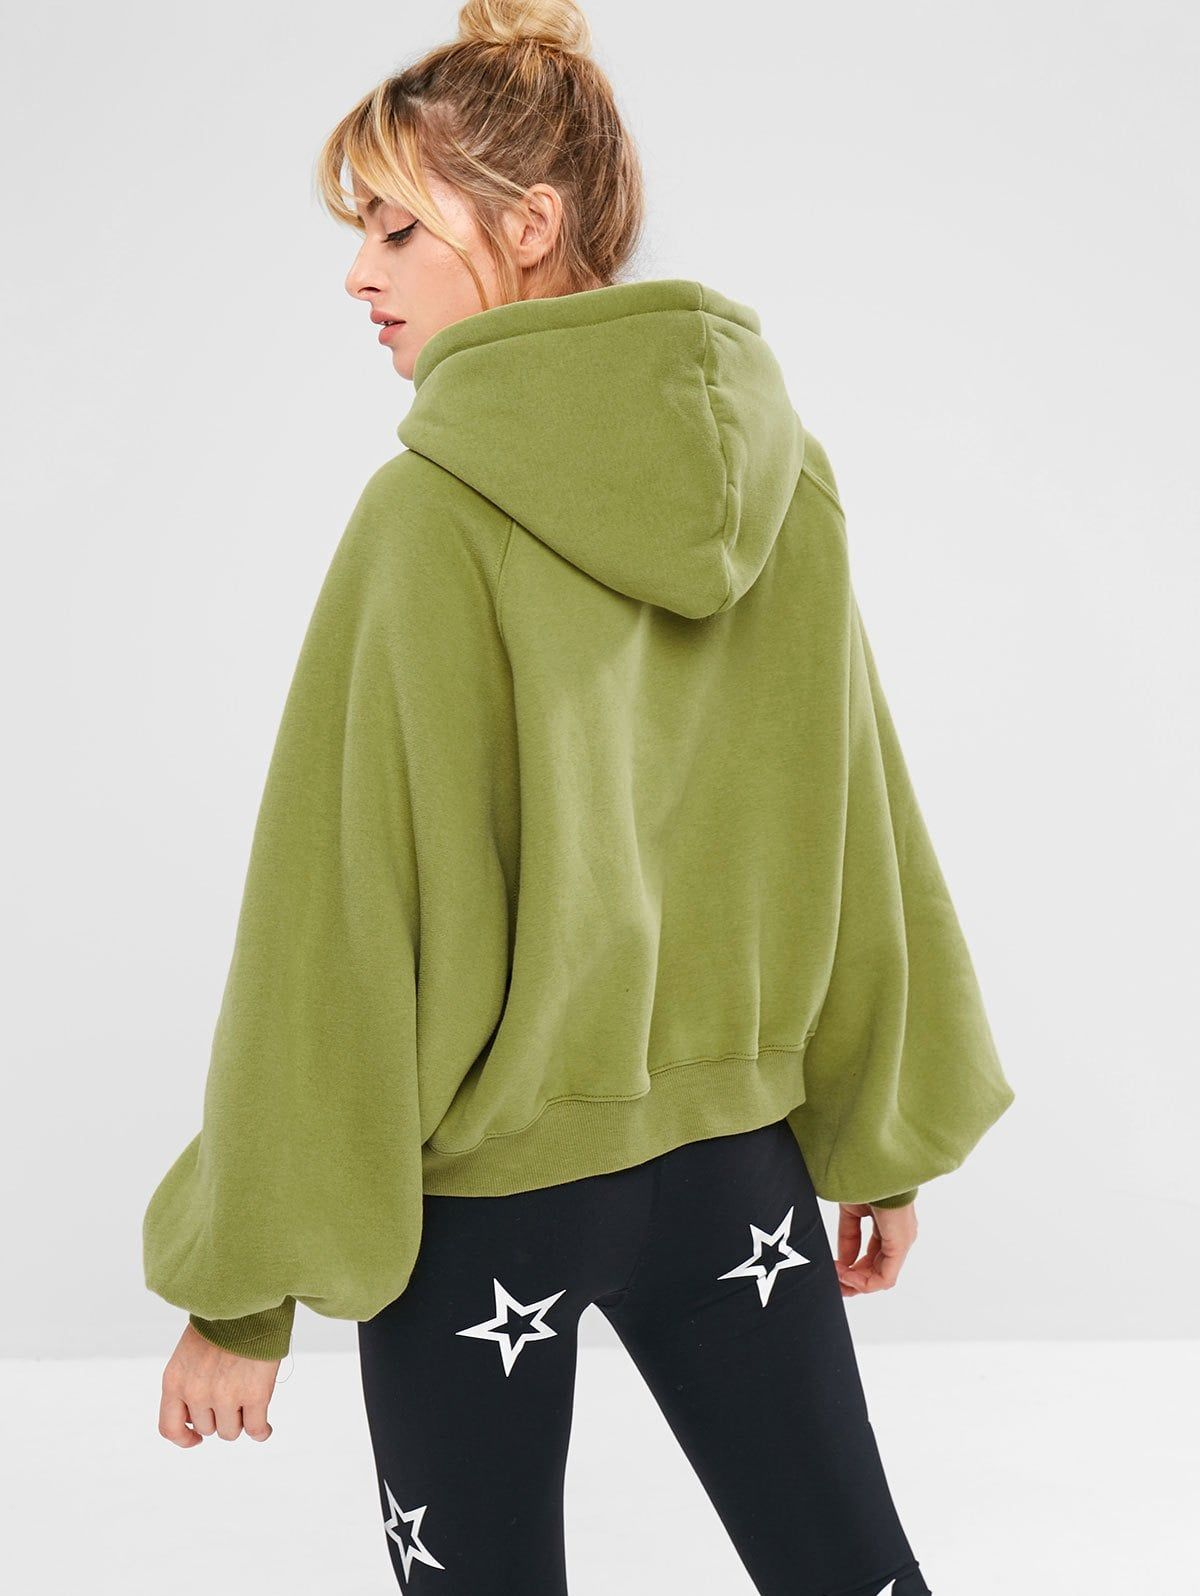 Sports Pullover Raglan Sleeve Hoodie Avocado Green Spon Raglan Pullover Sports Sleeve Green Ad Sports Jackets Women Workout Hoodie Hoodies [ 1596 x 1200 Pixel ]